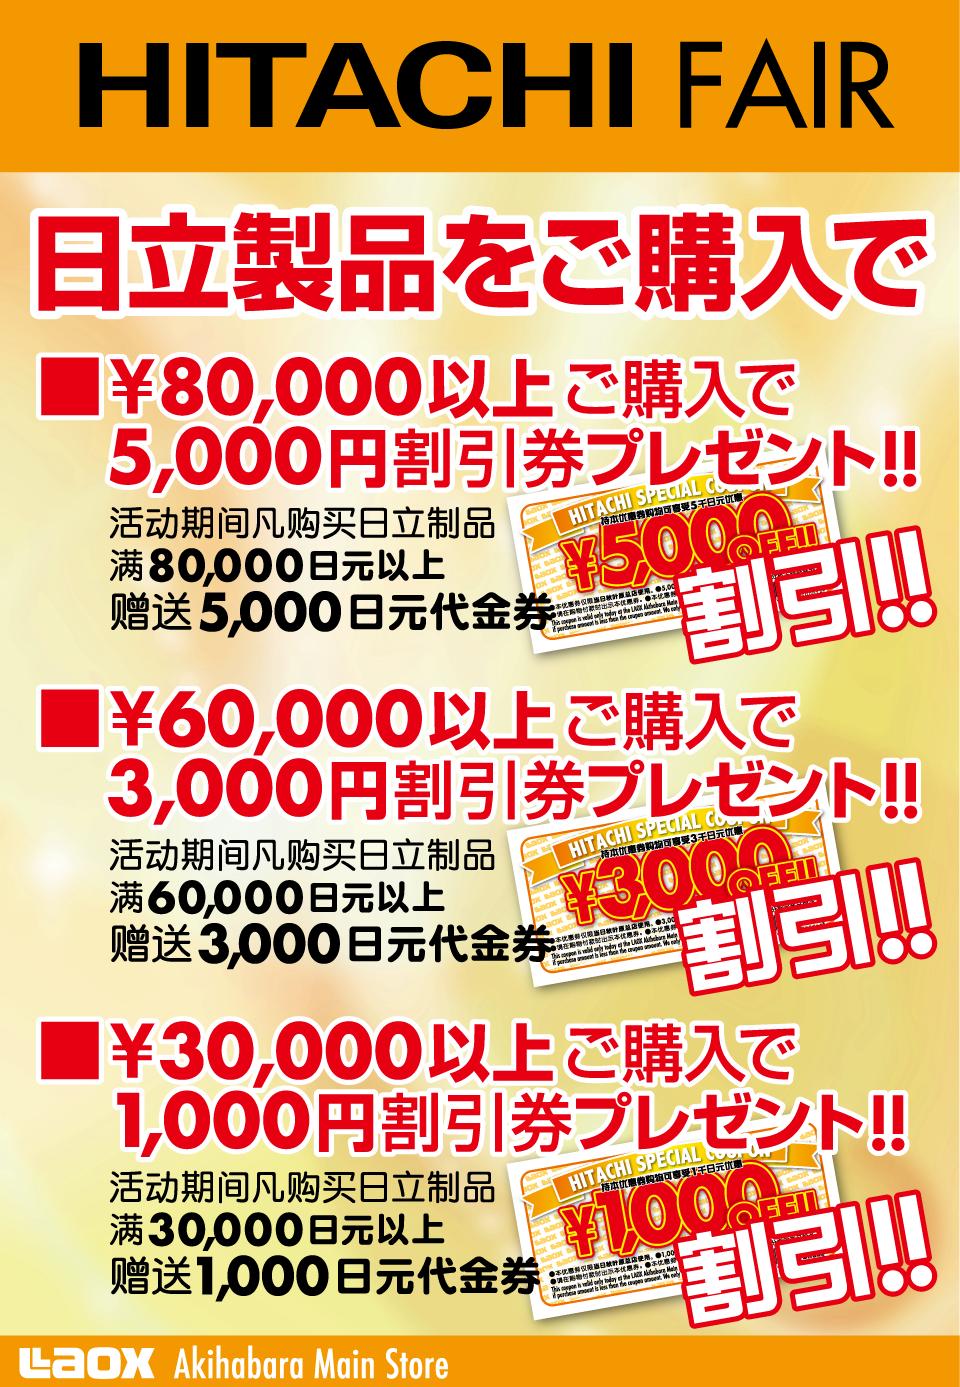 秋葉原本店日立ポケモンフェア